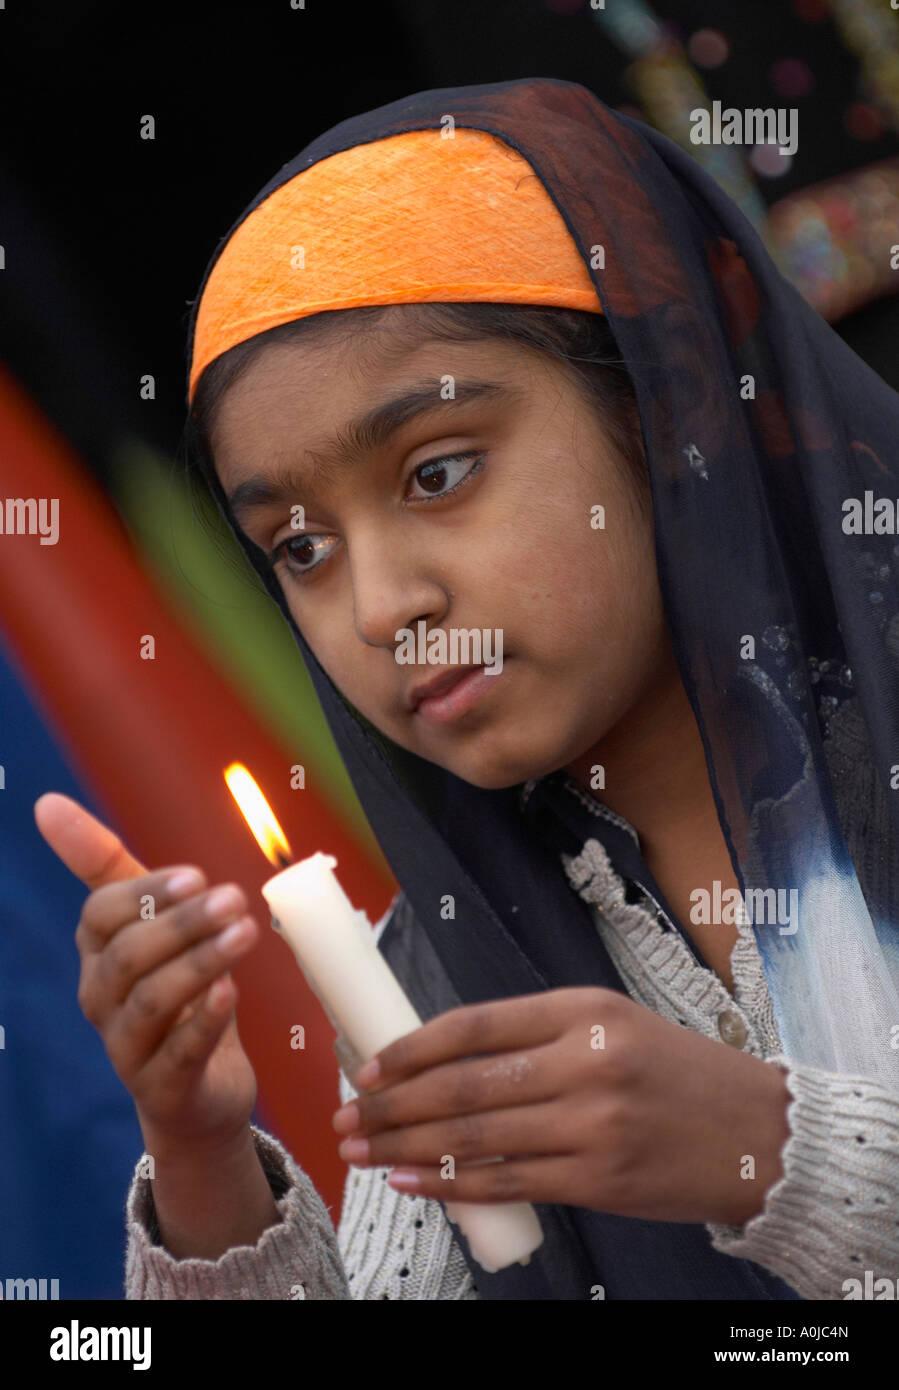 Ragazza Sikh tenendo una candela Immagini Stock